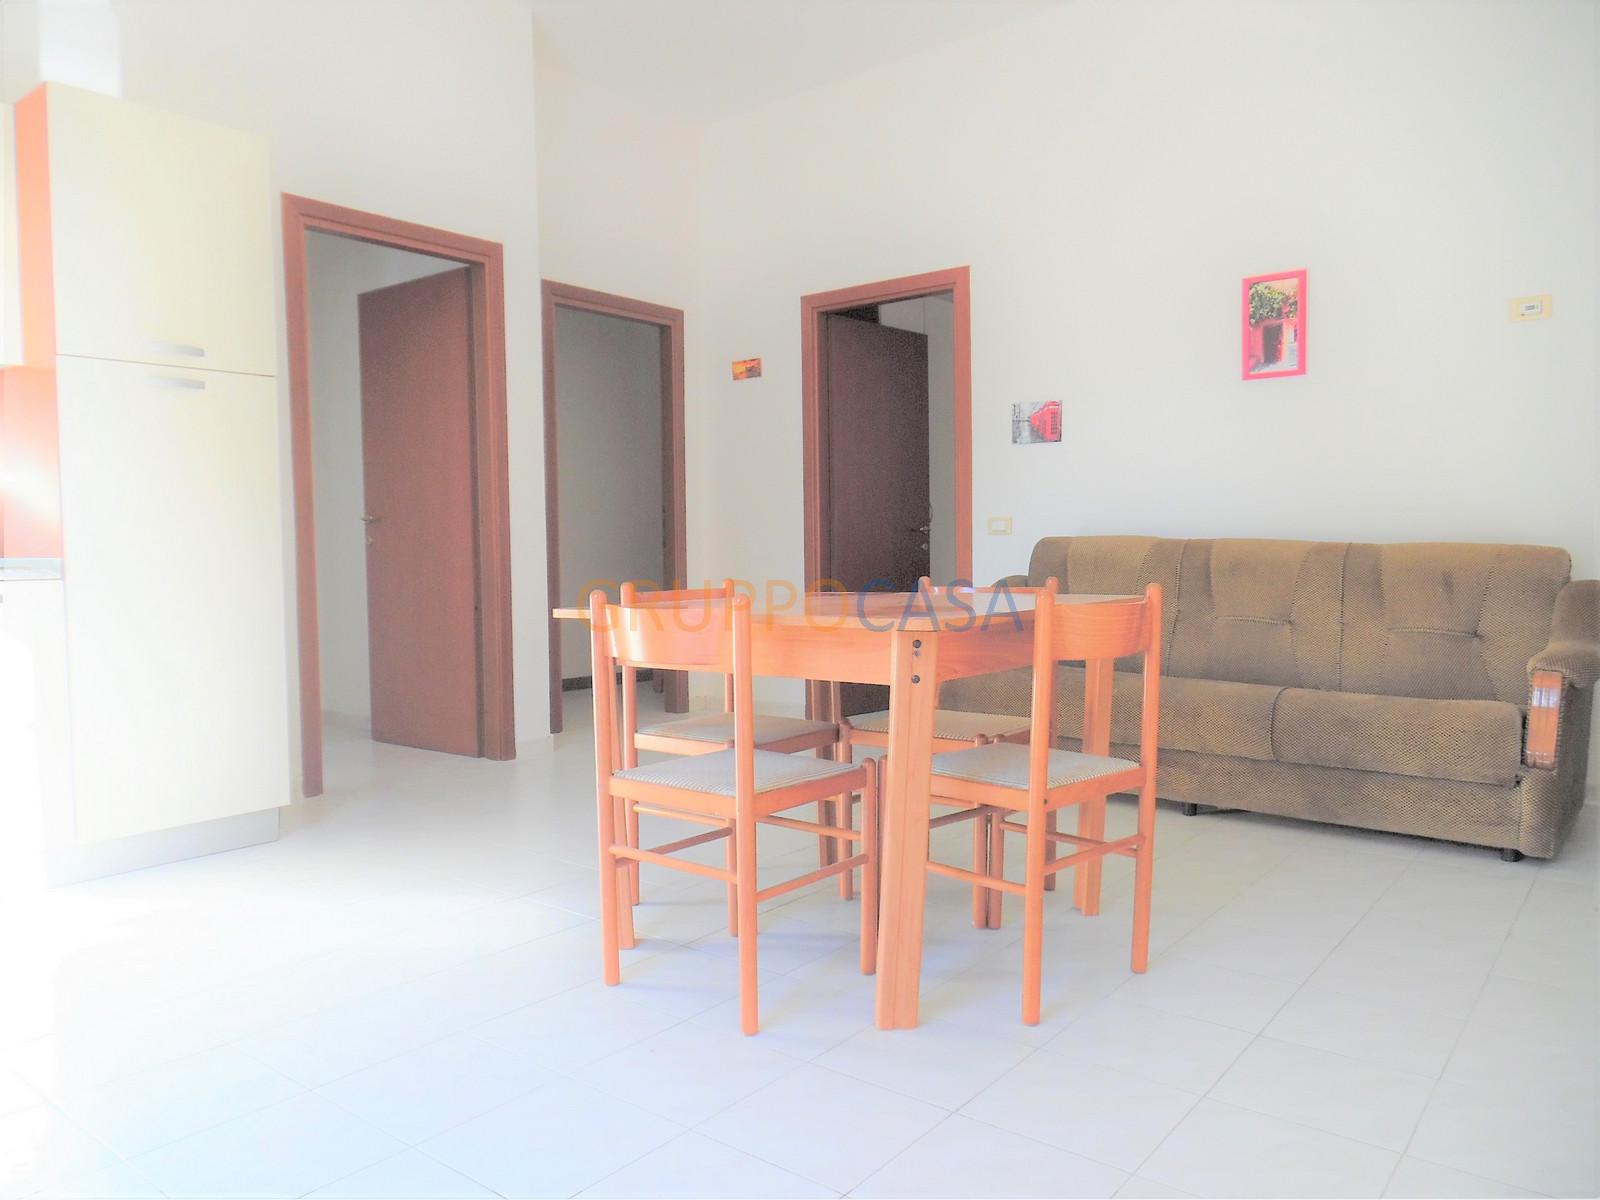 Appartamento in affitto a Altopascio, 3 locali, zona Località: Centro, prezzo € 450 | Cambio Casa.it